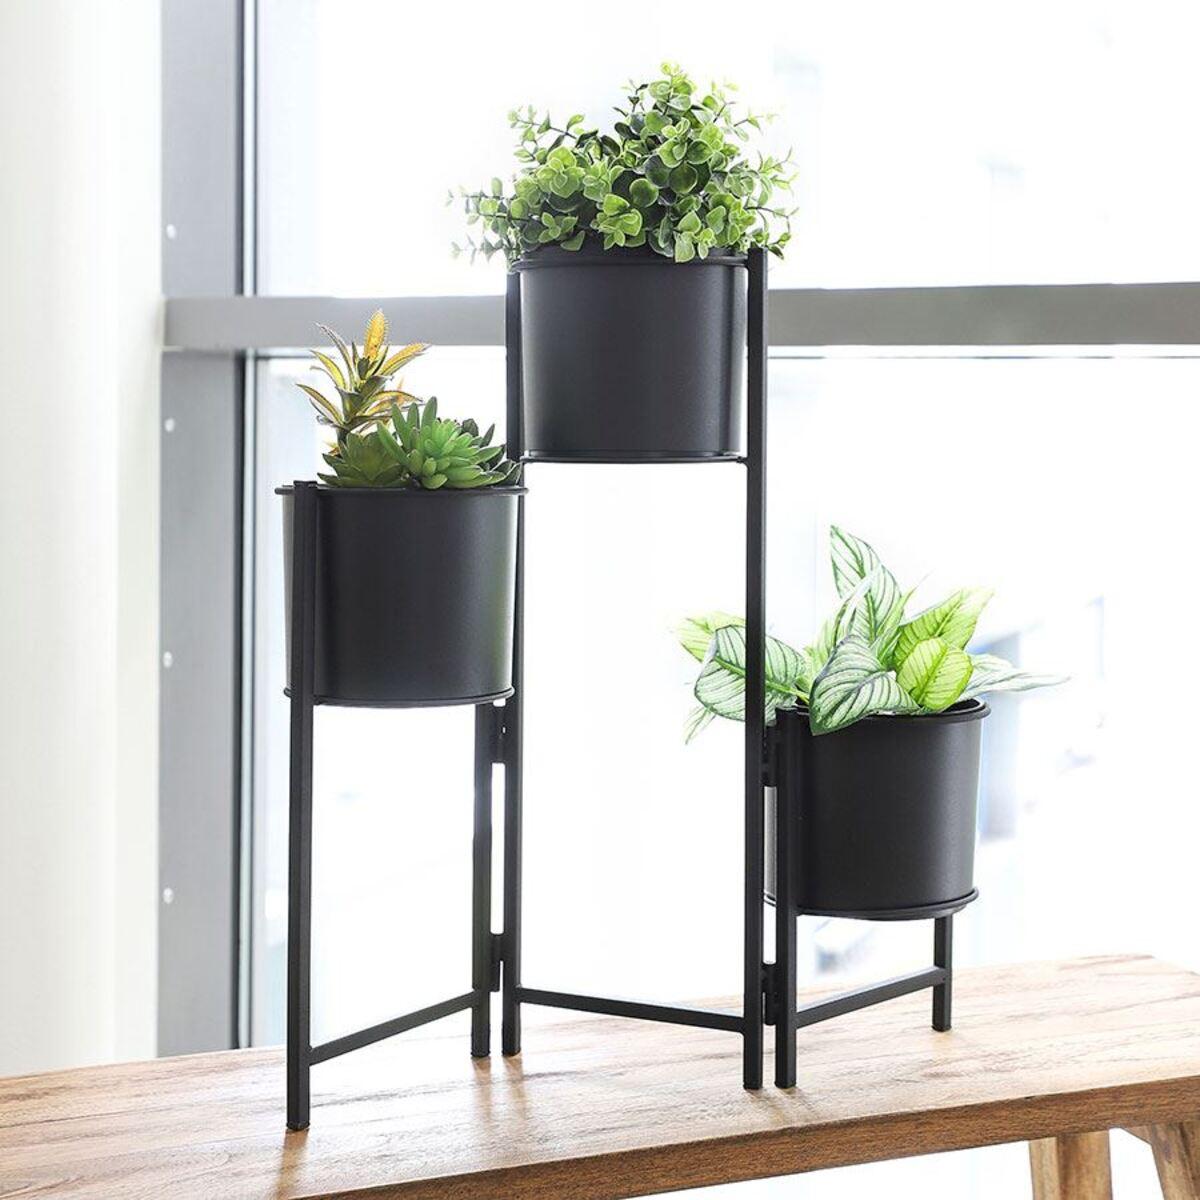 Bild 1 von Faltbarer Metall-Blumenständer mit 3 Pflanztöpfen Schwarz